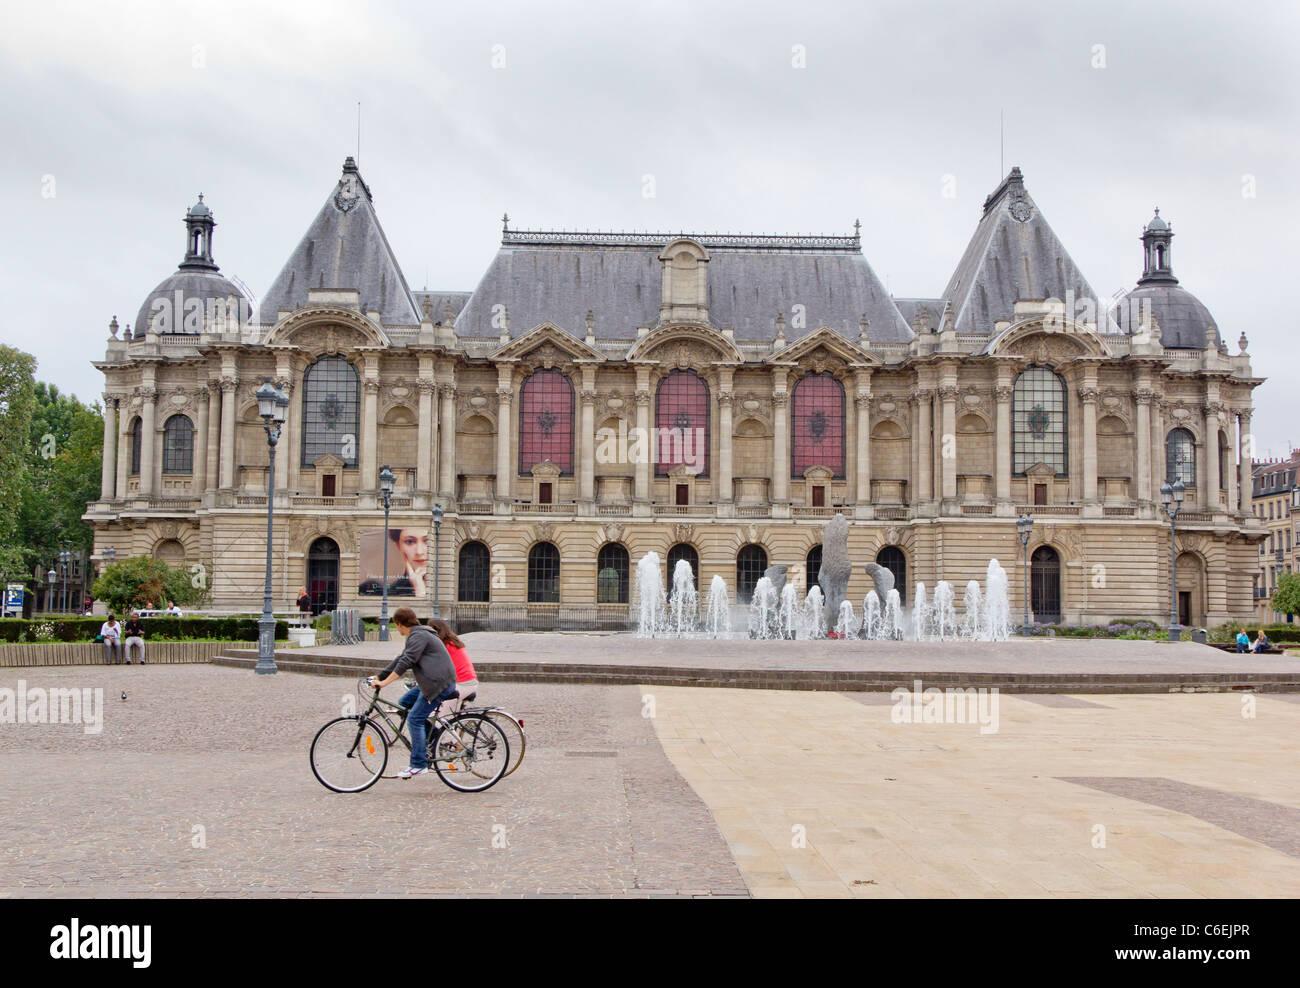 The museum Palais des Beaux-Arts, Place de la Republique, city of Lille, Nord-Pas de Calais, France Stock Photo